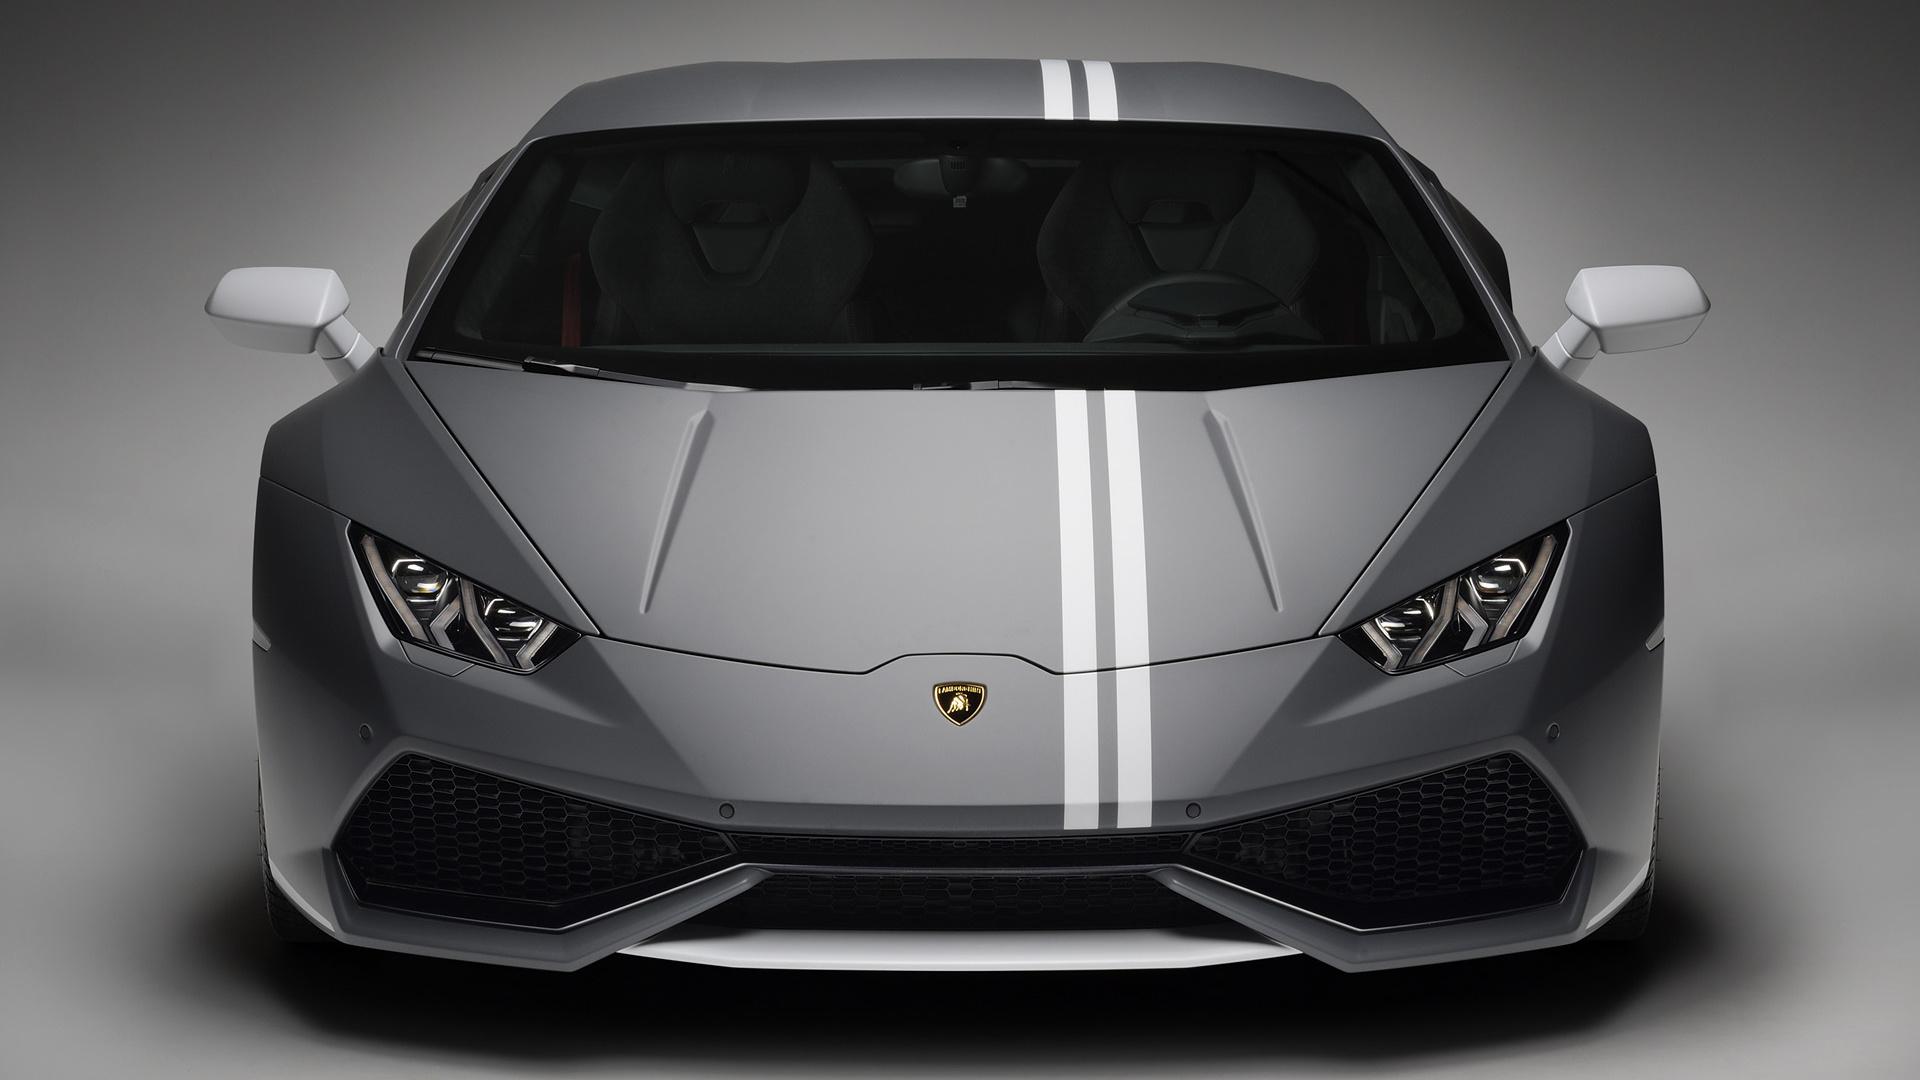 hd 169 - Lamborghini Huracan Hd Wallpaper